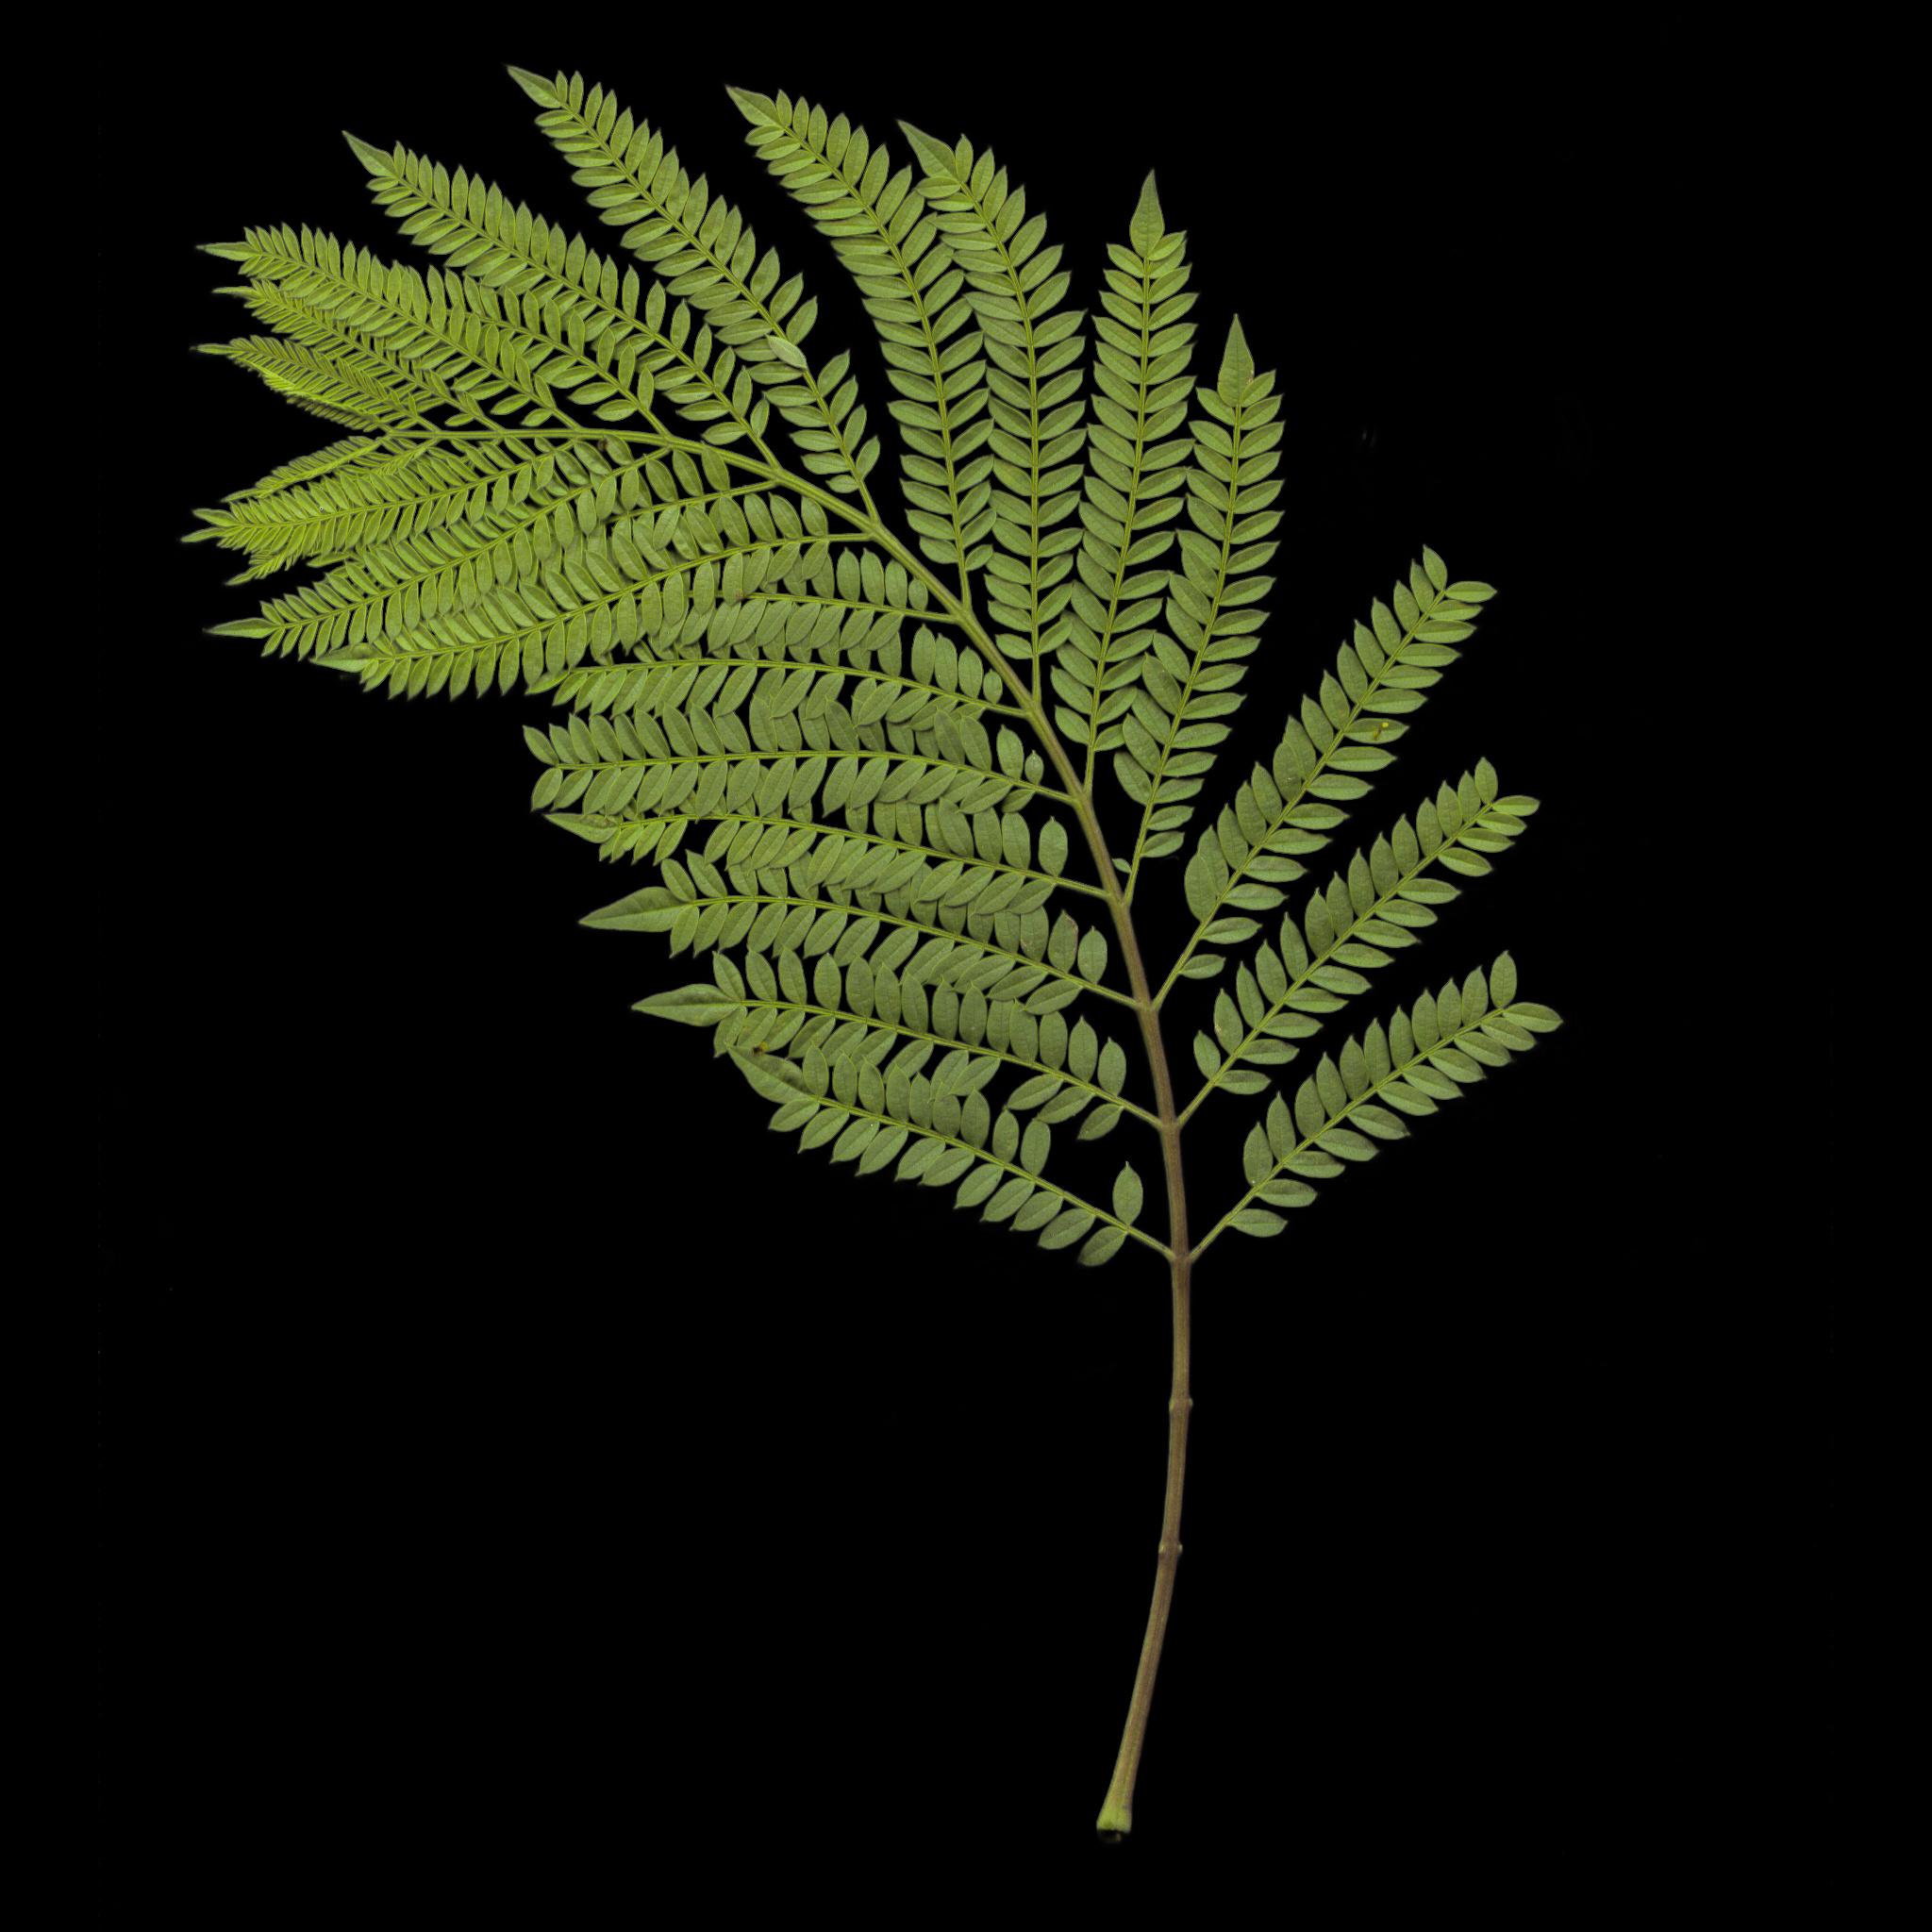 tex_leaf_001_c